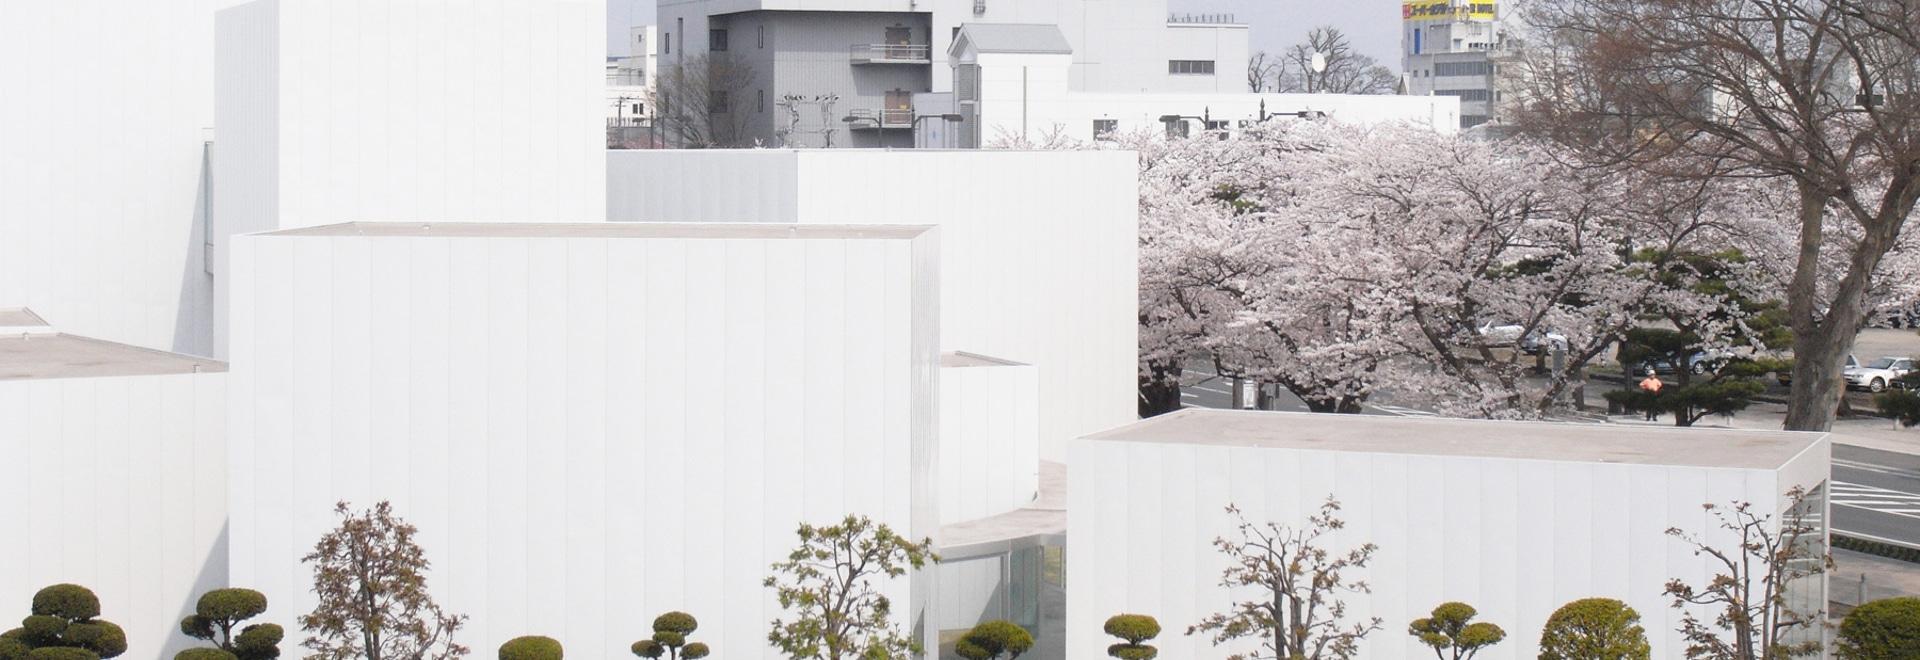 el centro del arte del towada por nishizawa del ryue está haciendo la ciudad entera un espacio del arte